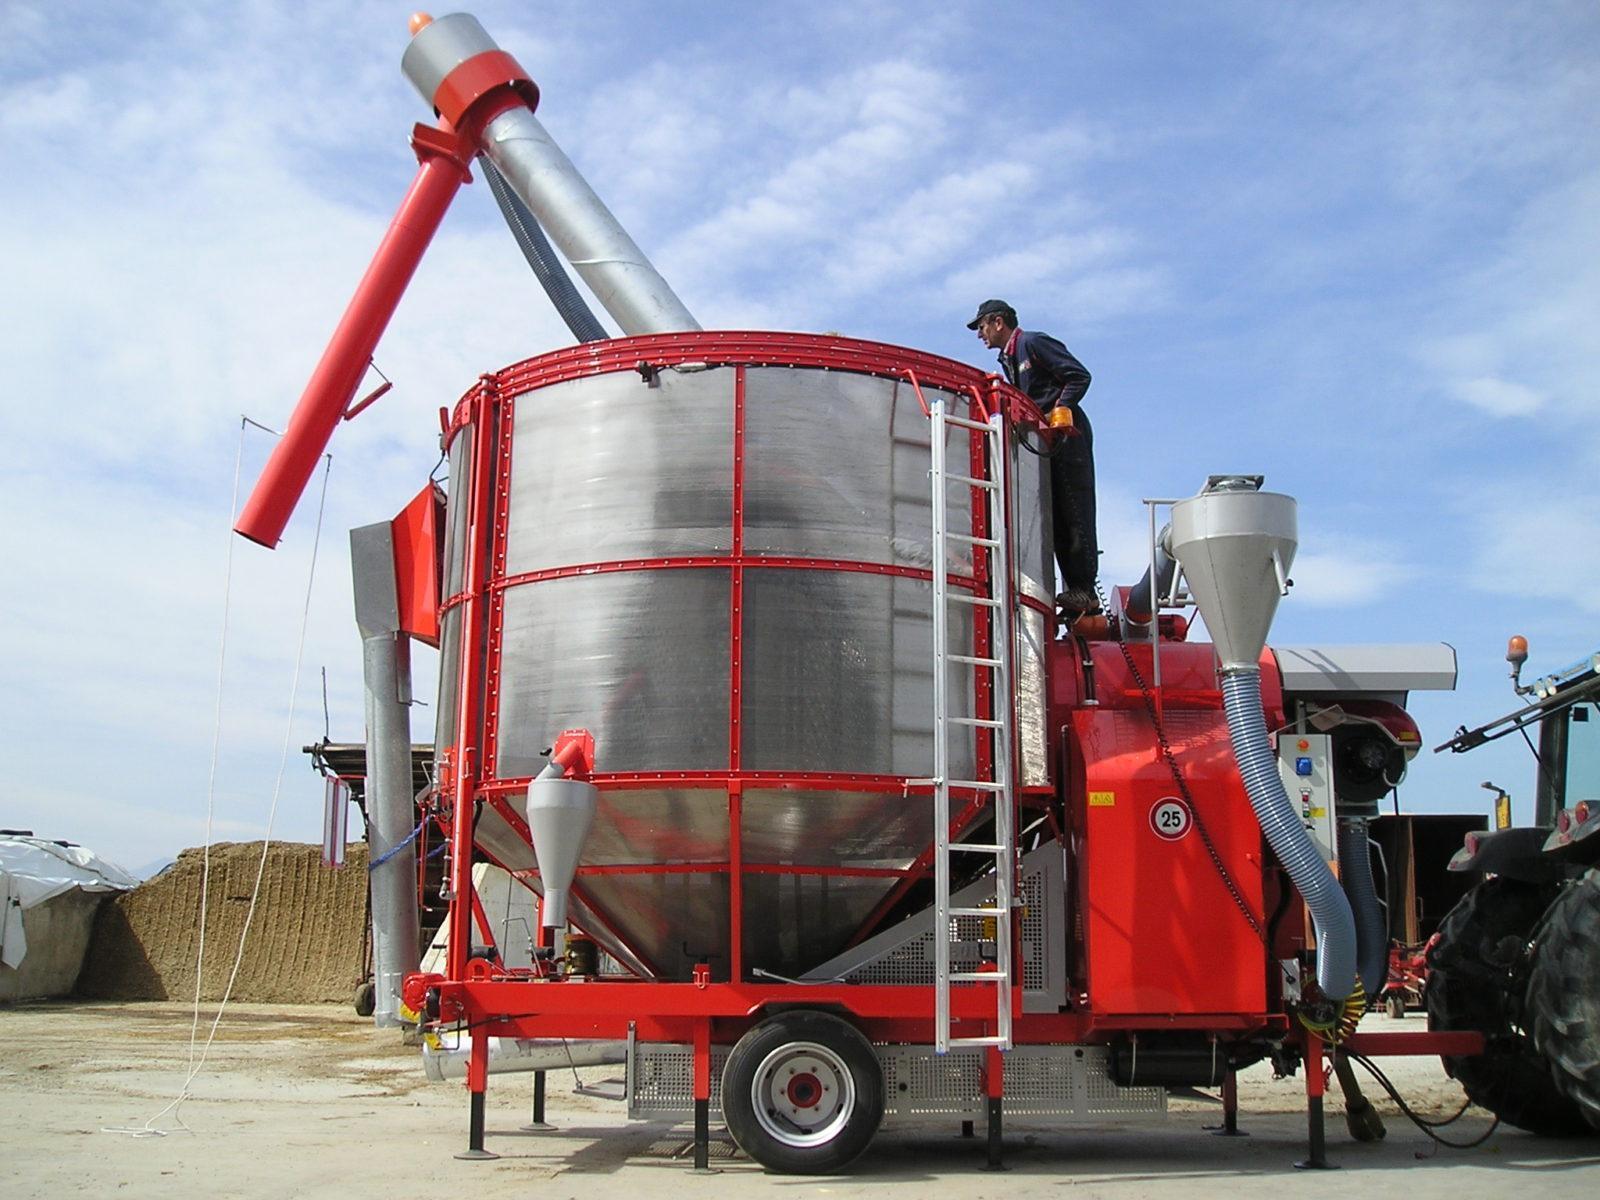 Принцип работы мобильной зерносушилки